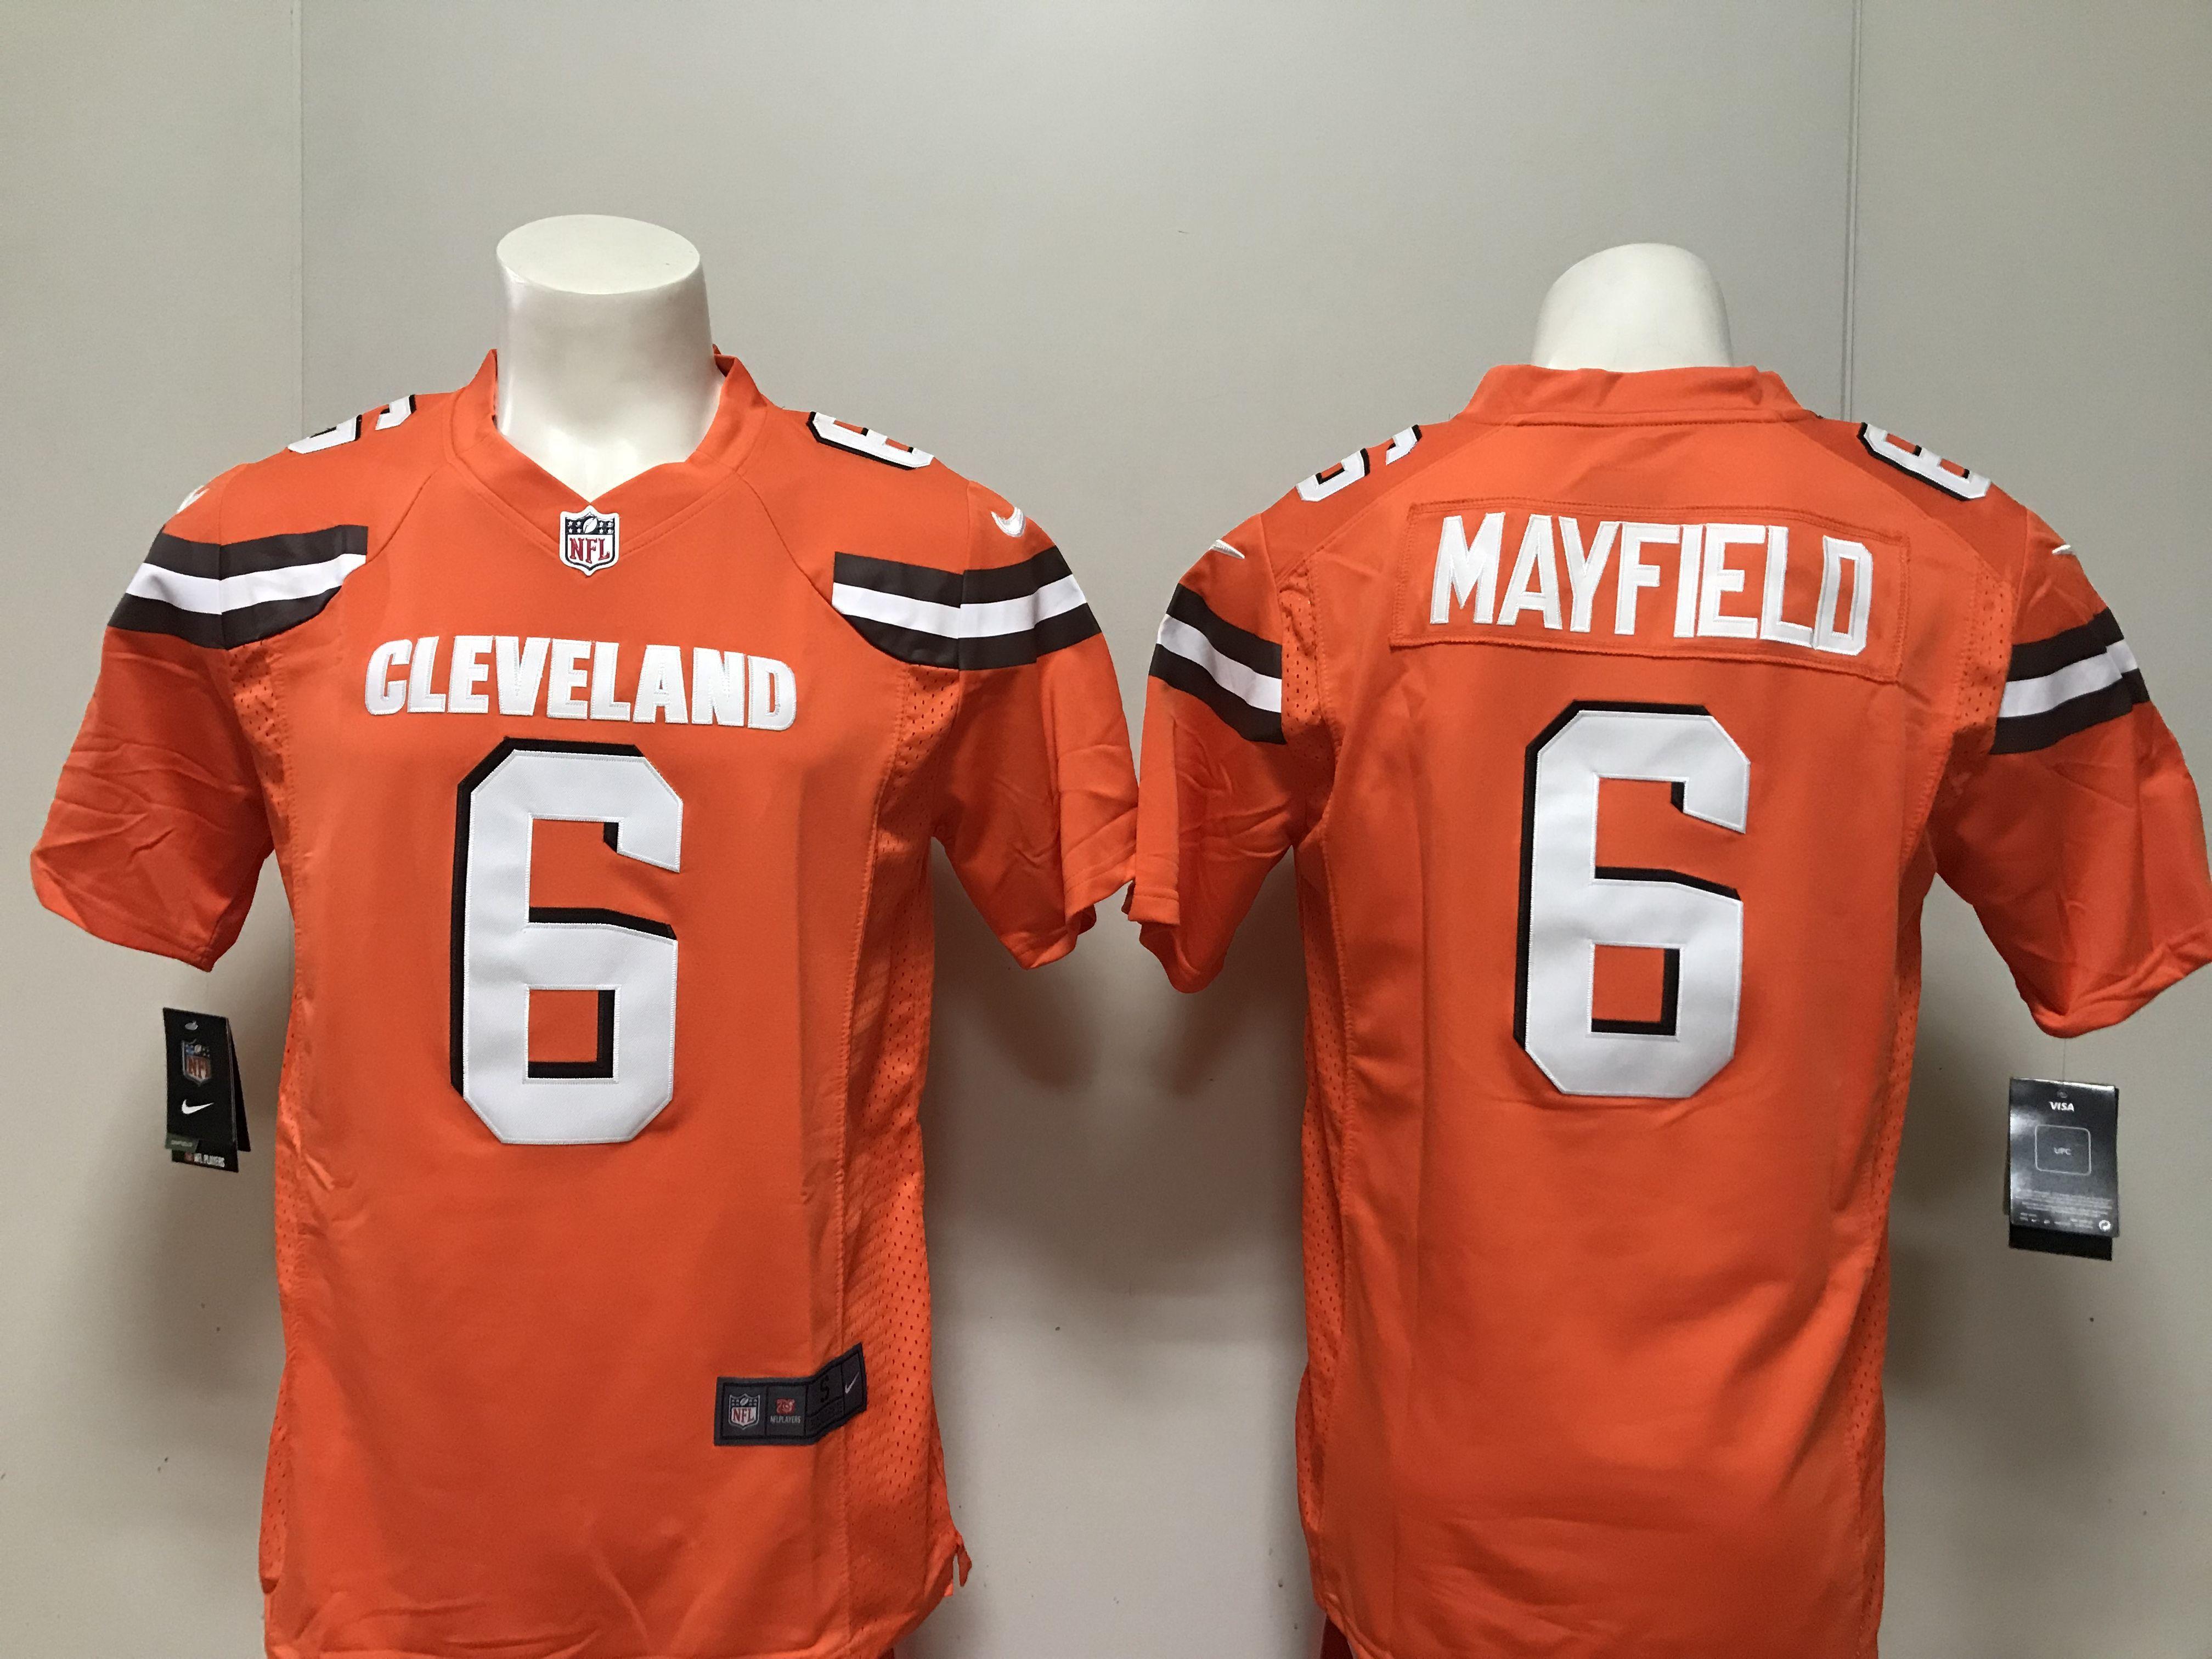 huge selection of ac383 f7a27 Men Cleveland Browns 6 Mayfield Orange Nike 2018 NFL Draft ...